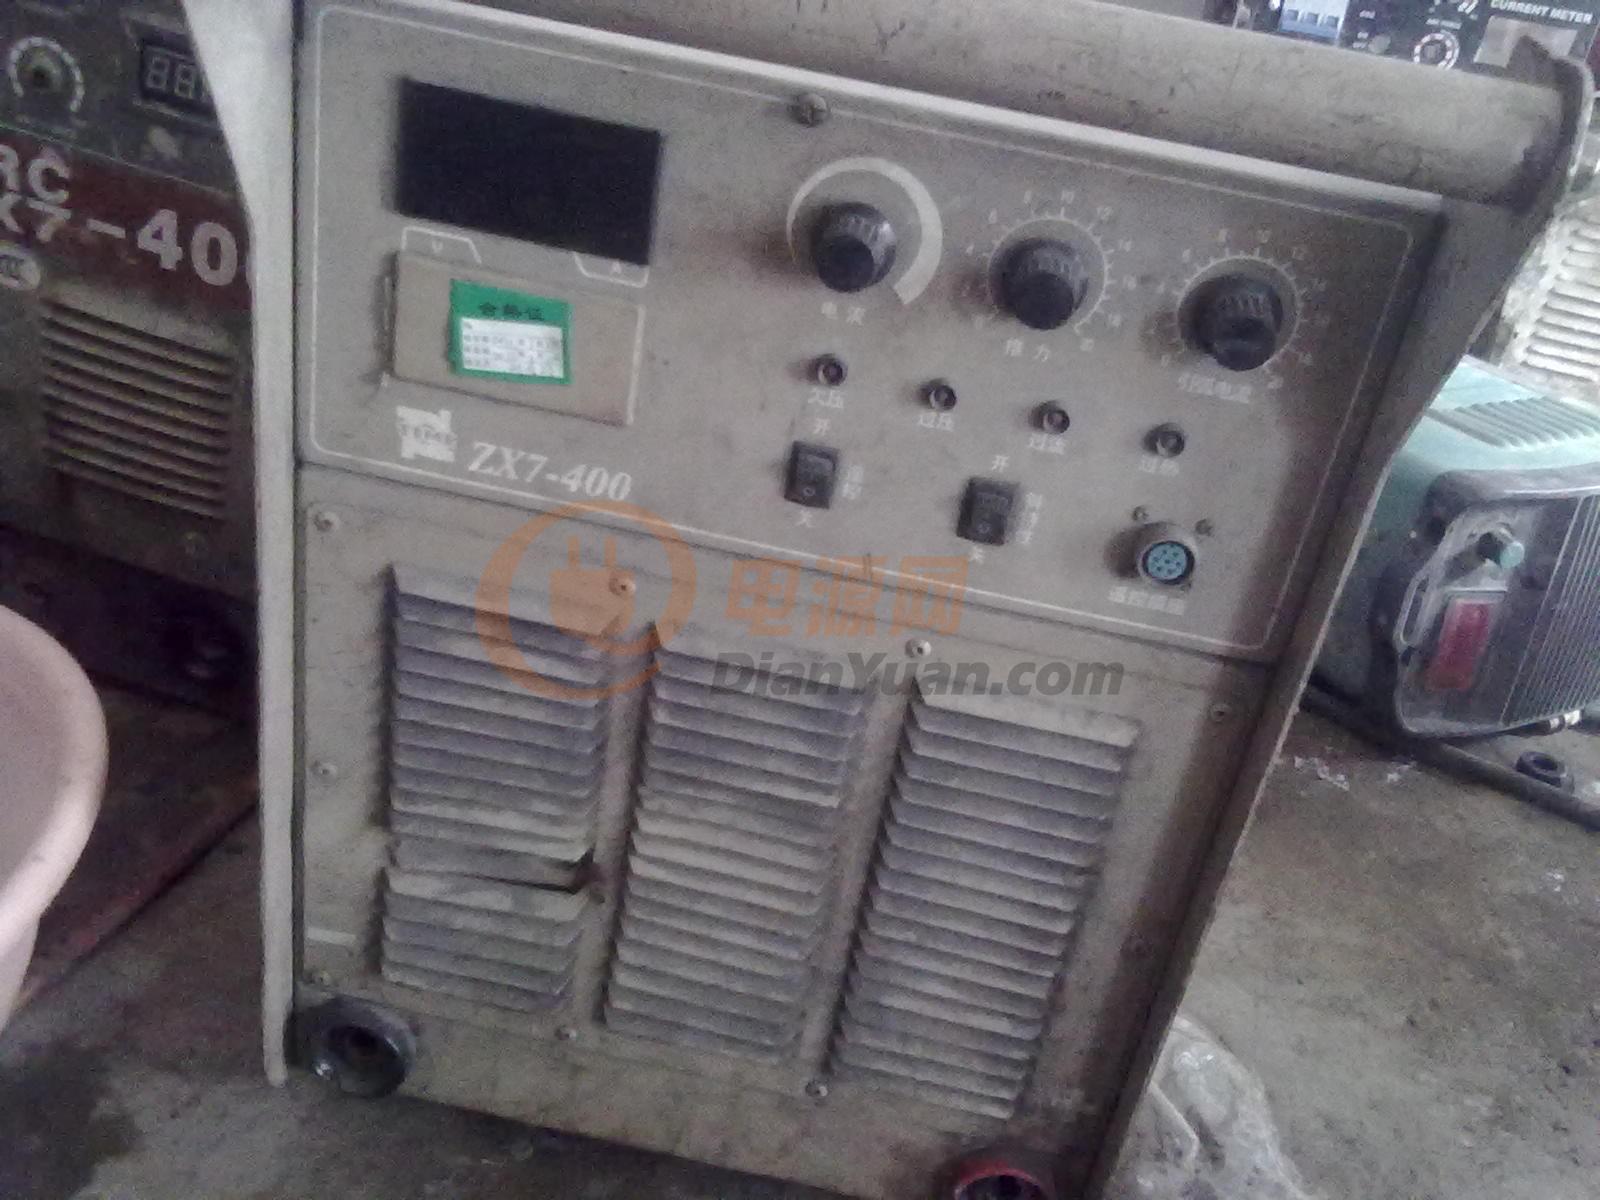 调节电流电位器无变化,检查远,近控开关正常,斜特性开关正常,焊接感觉